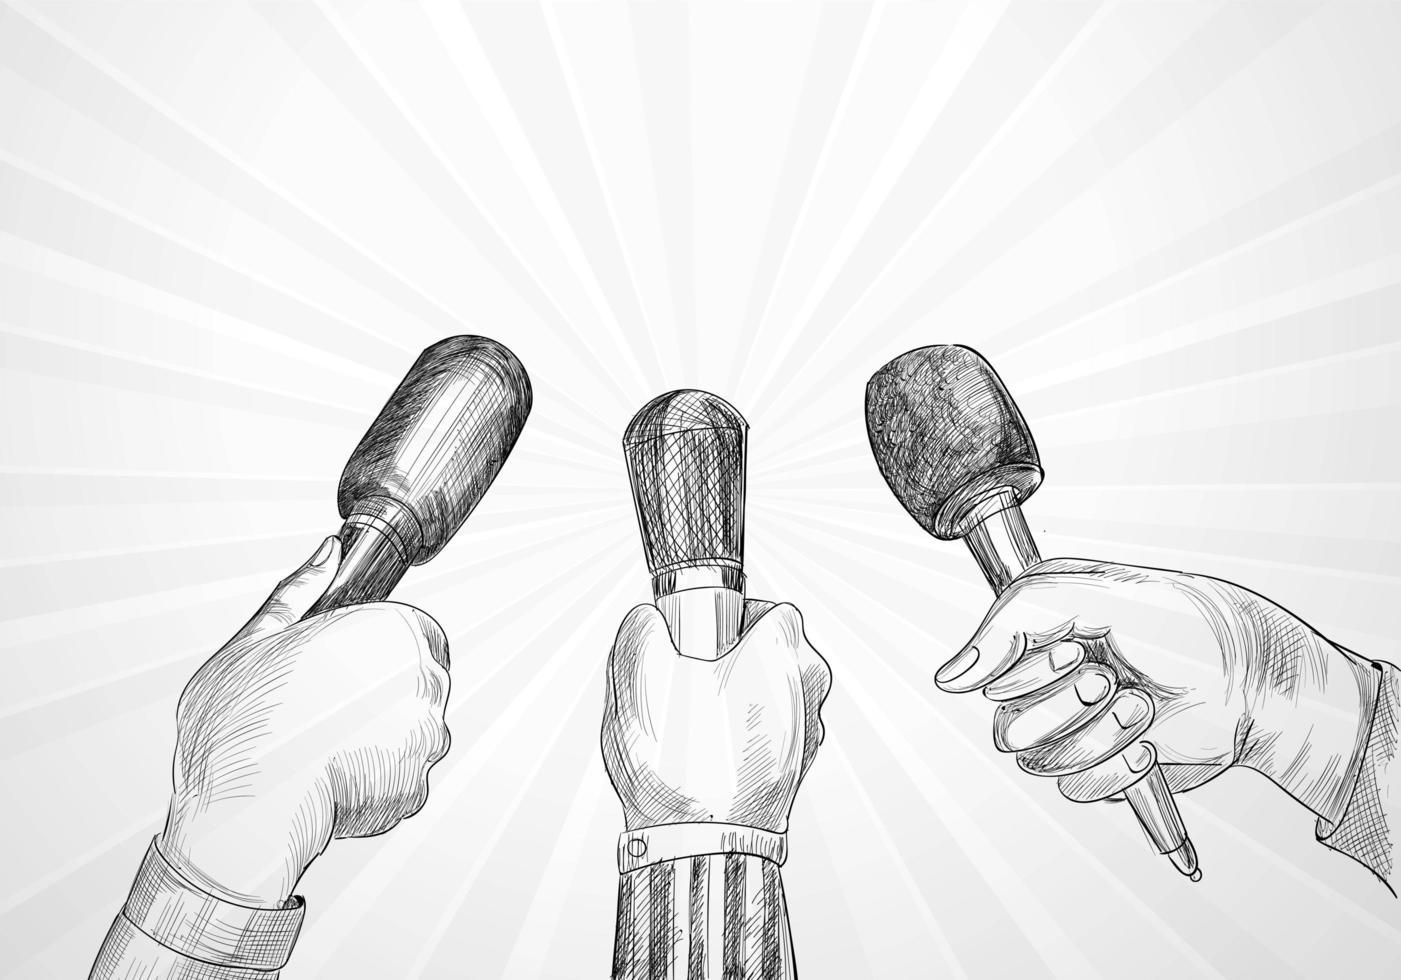 conférence avec des mains de journaliste tenant croquis de microphones vecteur